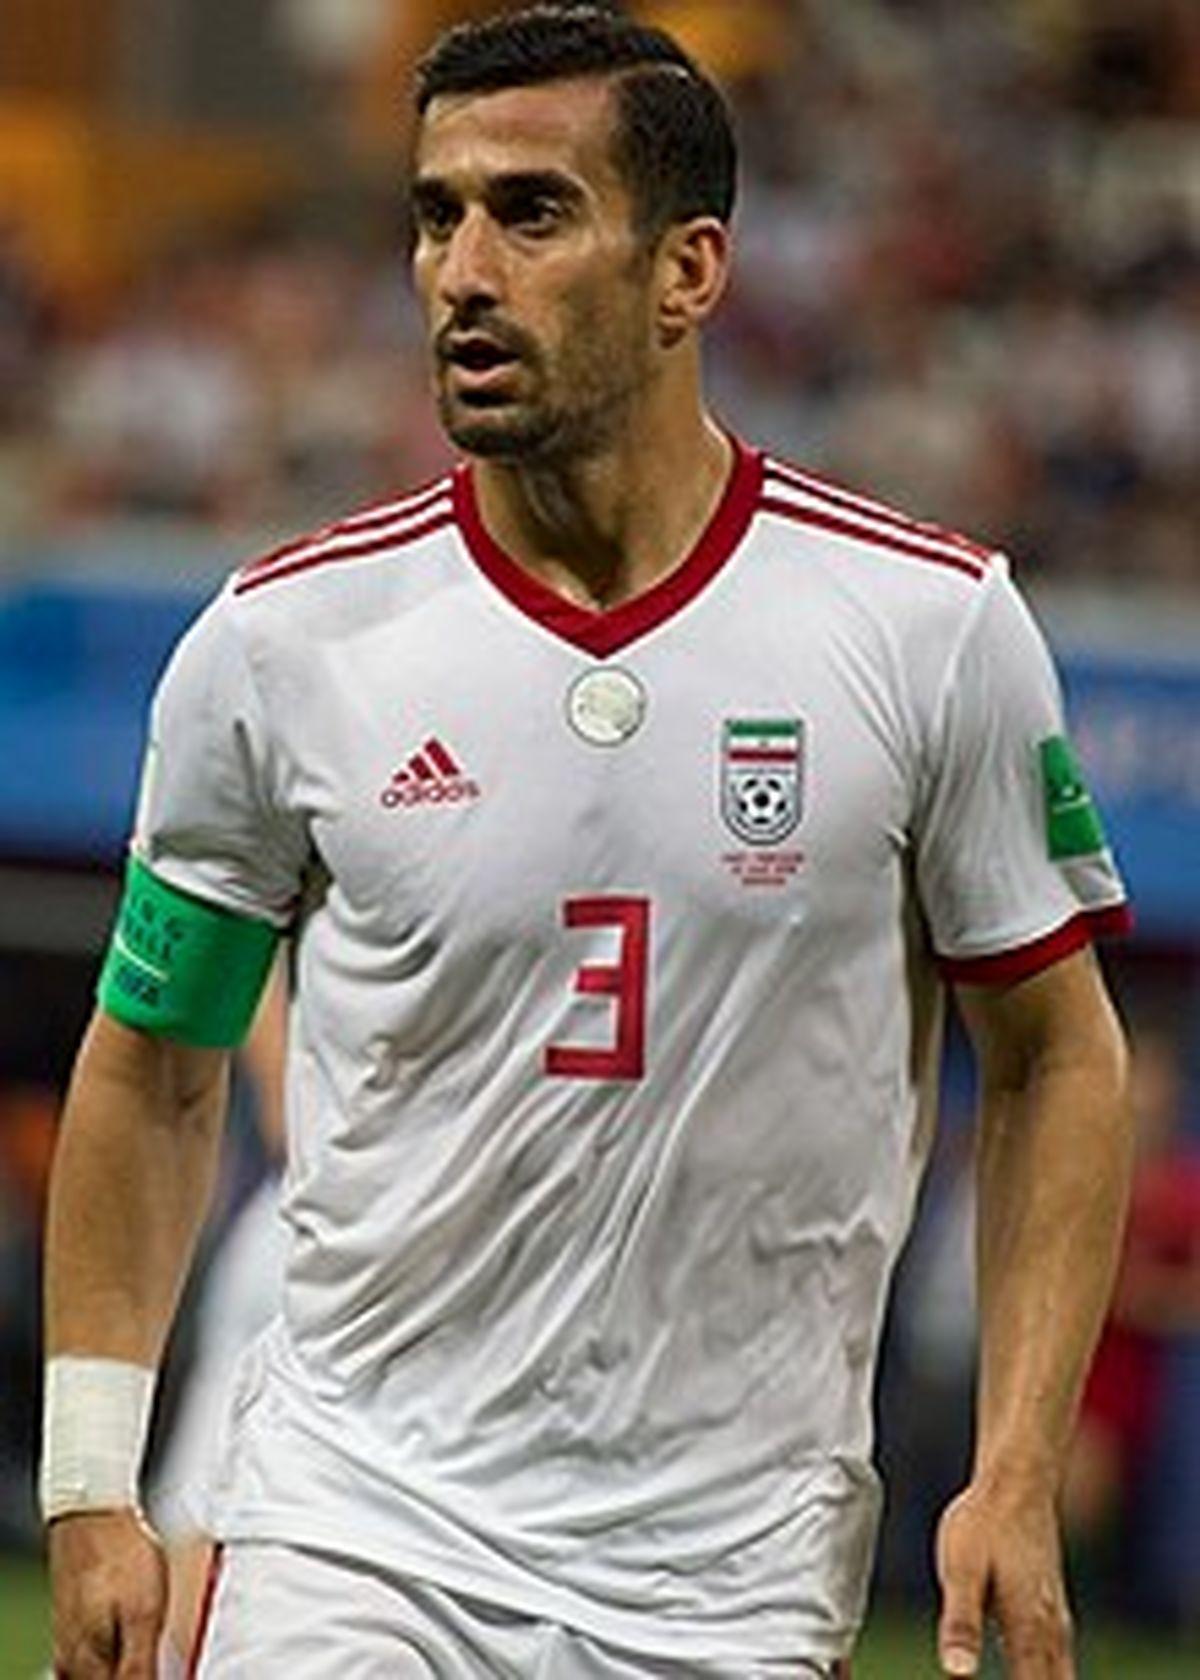 رأی کاپیتان تیم ملی در انتخابات فدراسیون فوتبال چه کسی بود؟